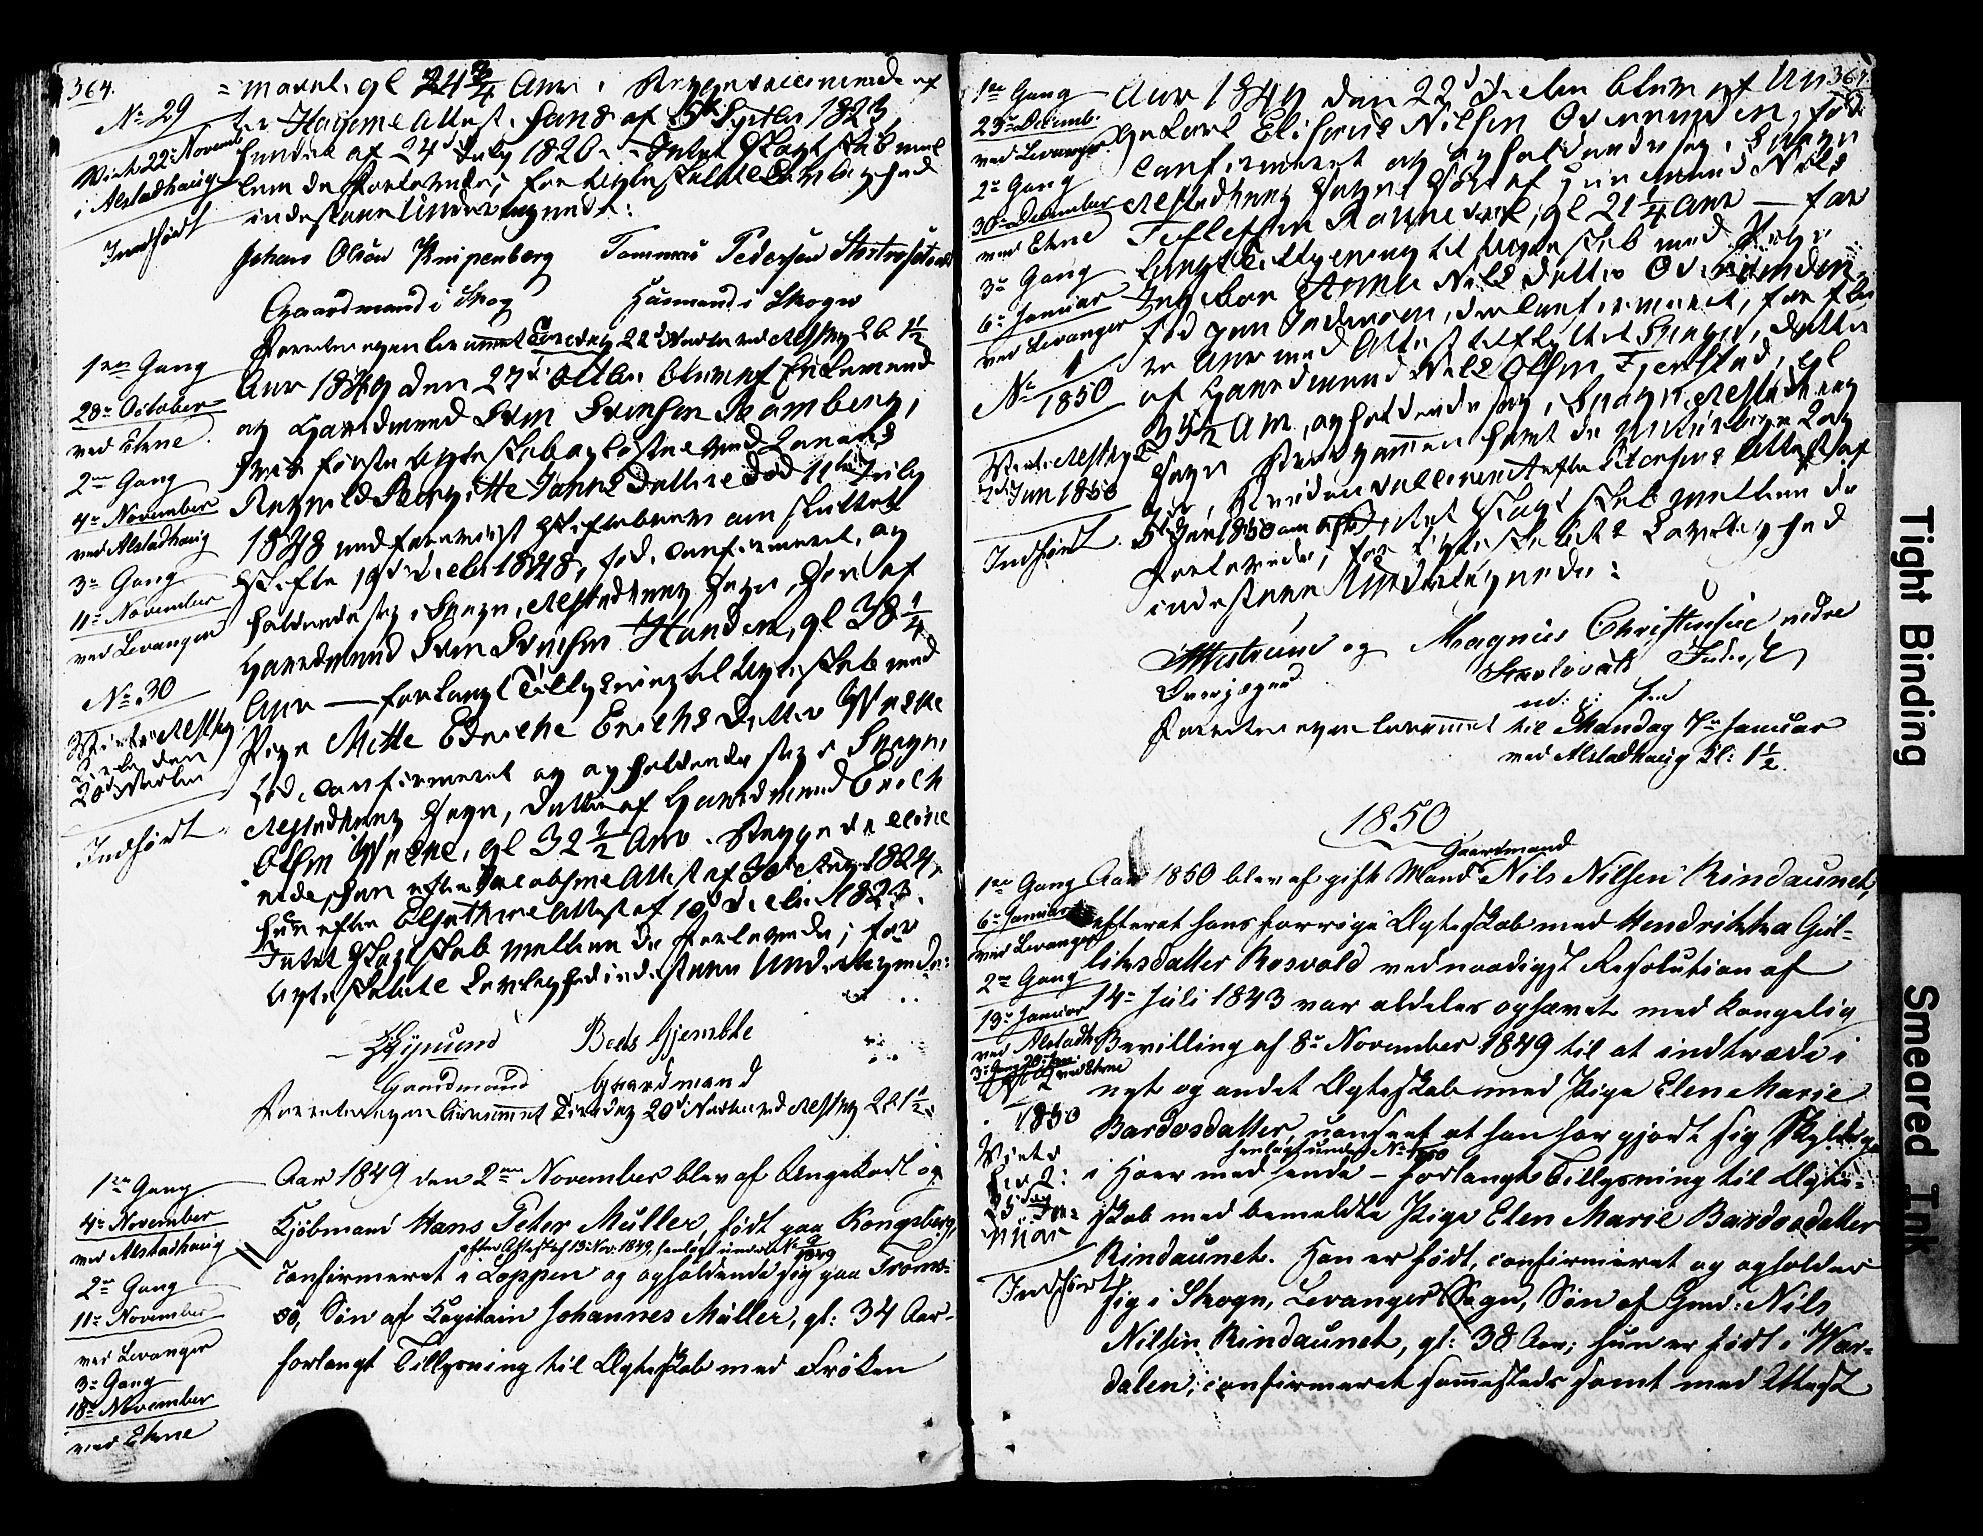 SAT, Ministerialprotokoller, klokkerbøker og fødselsregistre - Nord-Trøndelag, 717/L0160: Forlovererklæringer nr. 717A10, 1828-1850, s. 366-367